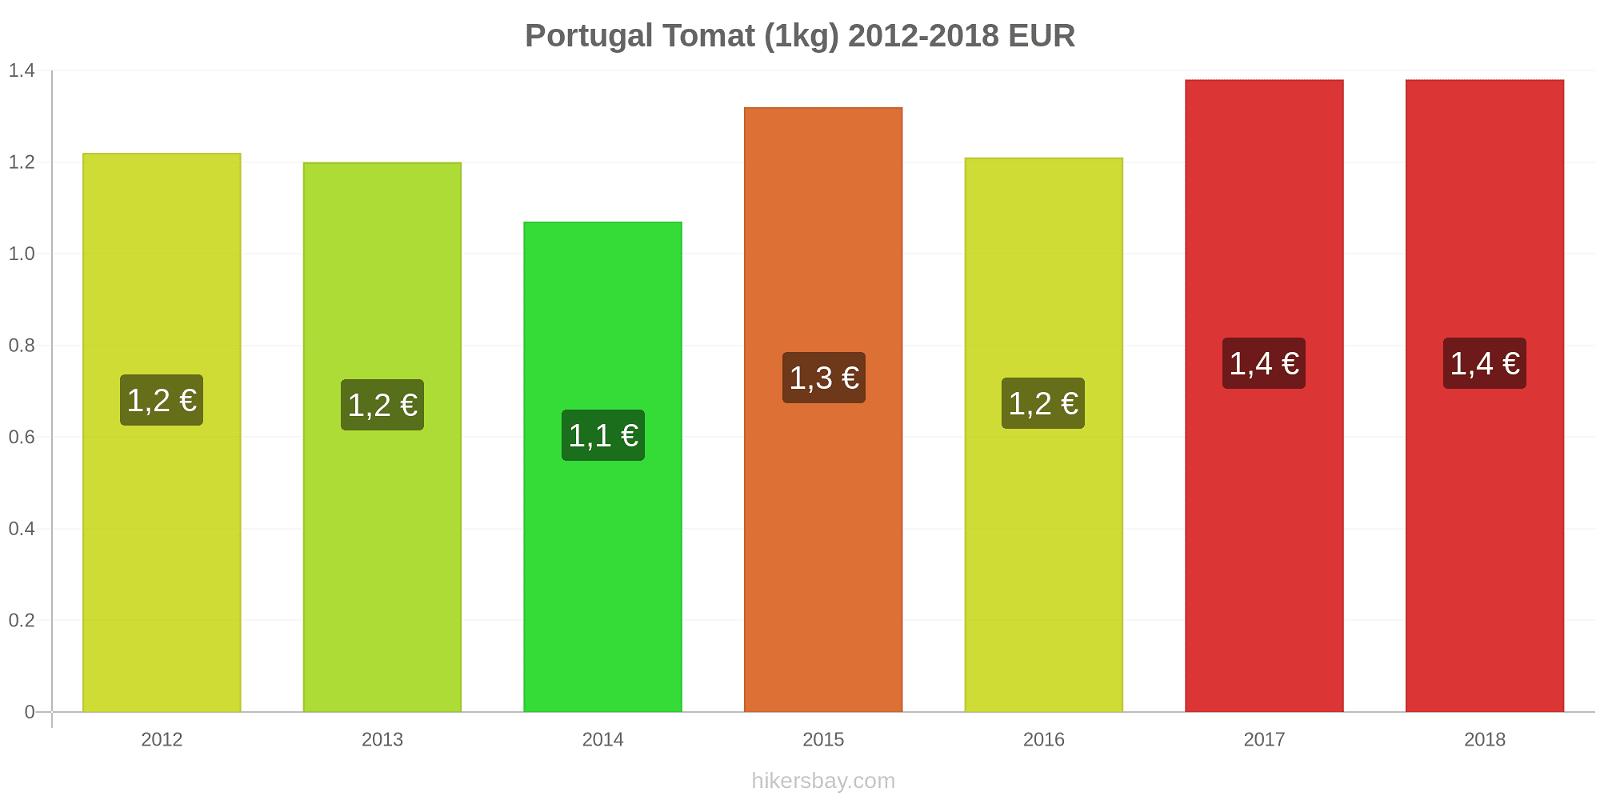 Portugal prisændringer Tomat (1kg) hikersbay.com